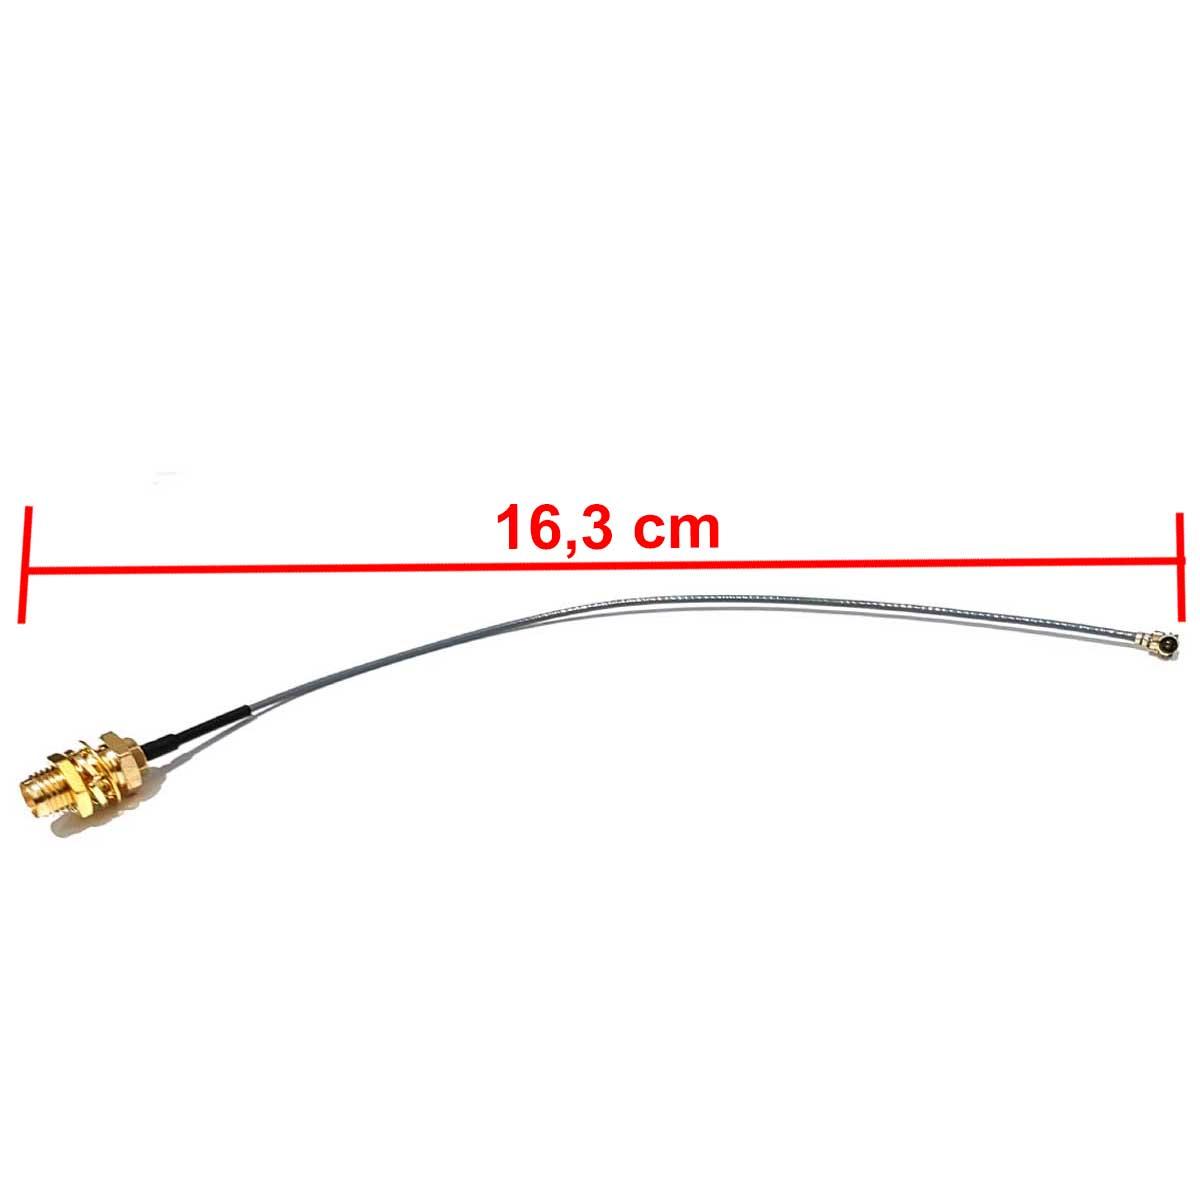 5x Antena Wifi para Módulo Esp8266 Esp NRF24L01